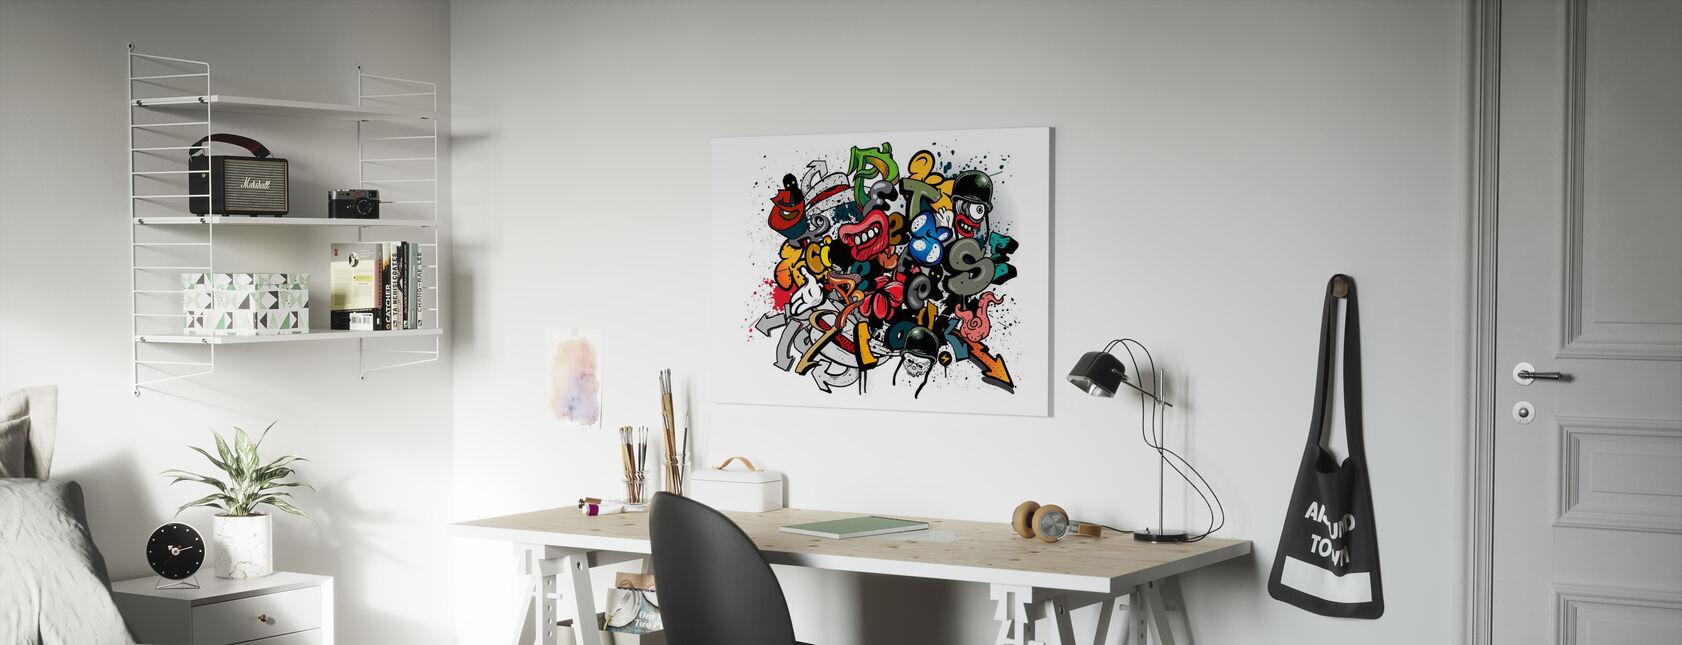 Eléments Graffiti - Impression sur toile - Chambre des enfants